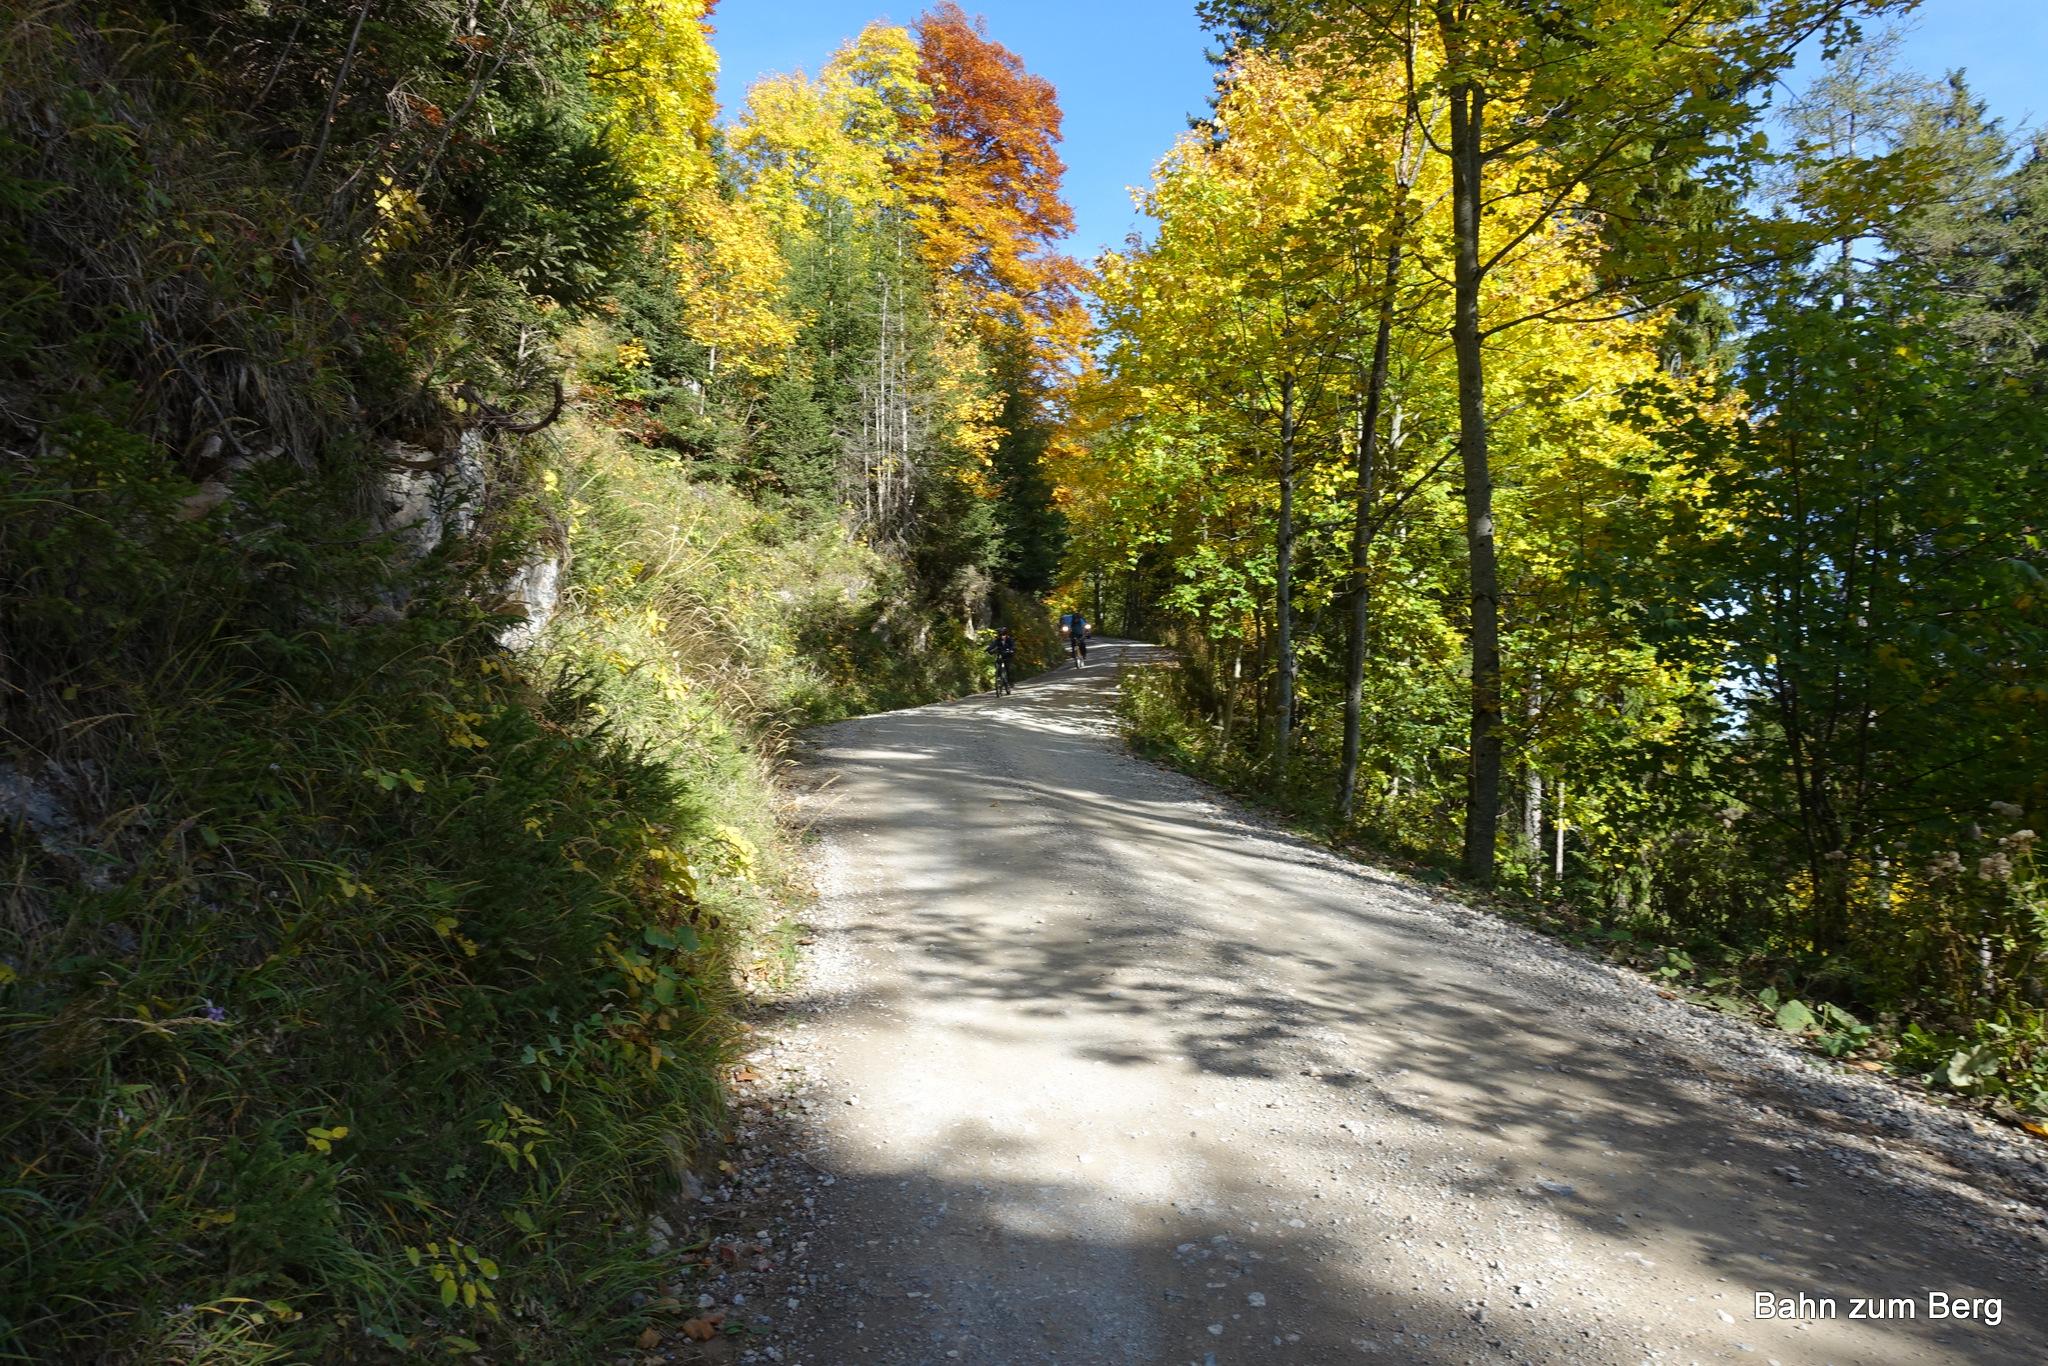 Herbstliche Abfahrt auf der Fahrstraße